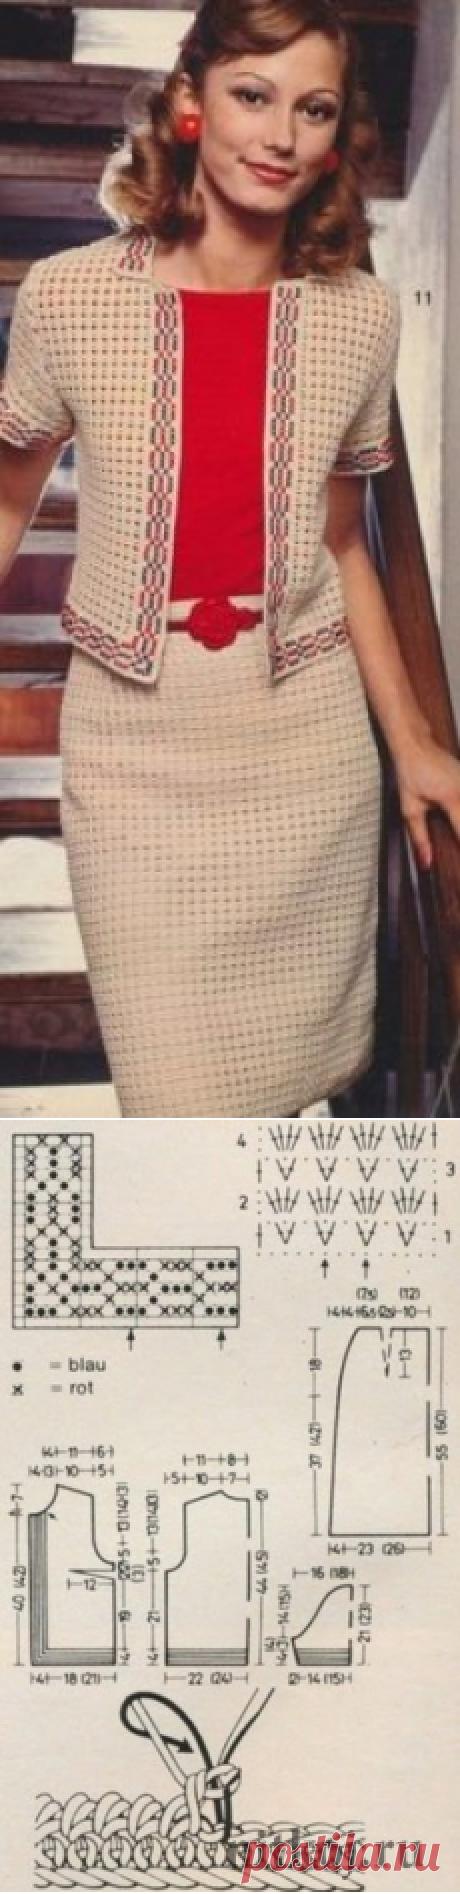 Схема вязания костюма крючком » Ниткой - вязаные вещи для вашего дома, вязание крючком, вязание спицами, схемы вязания